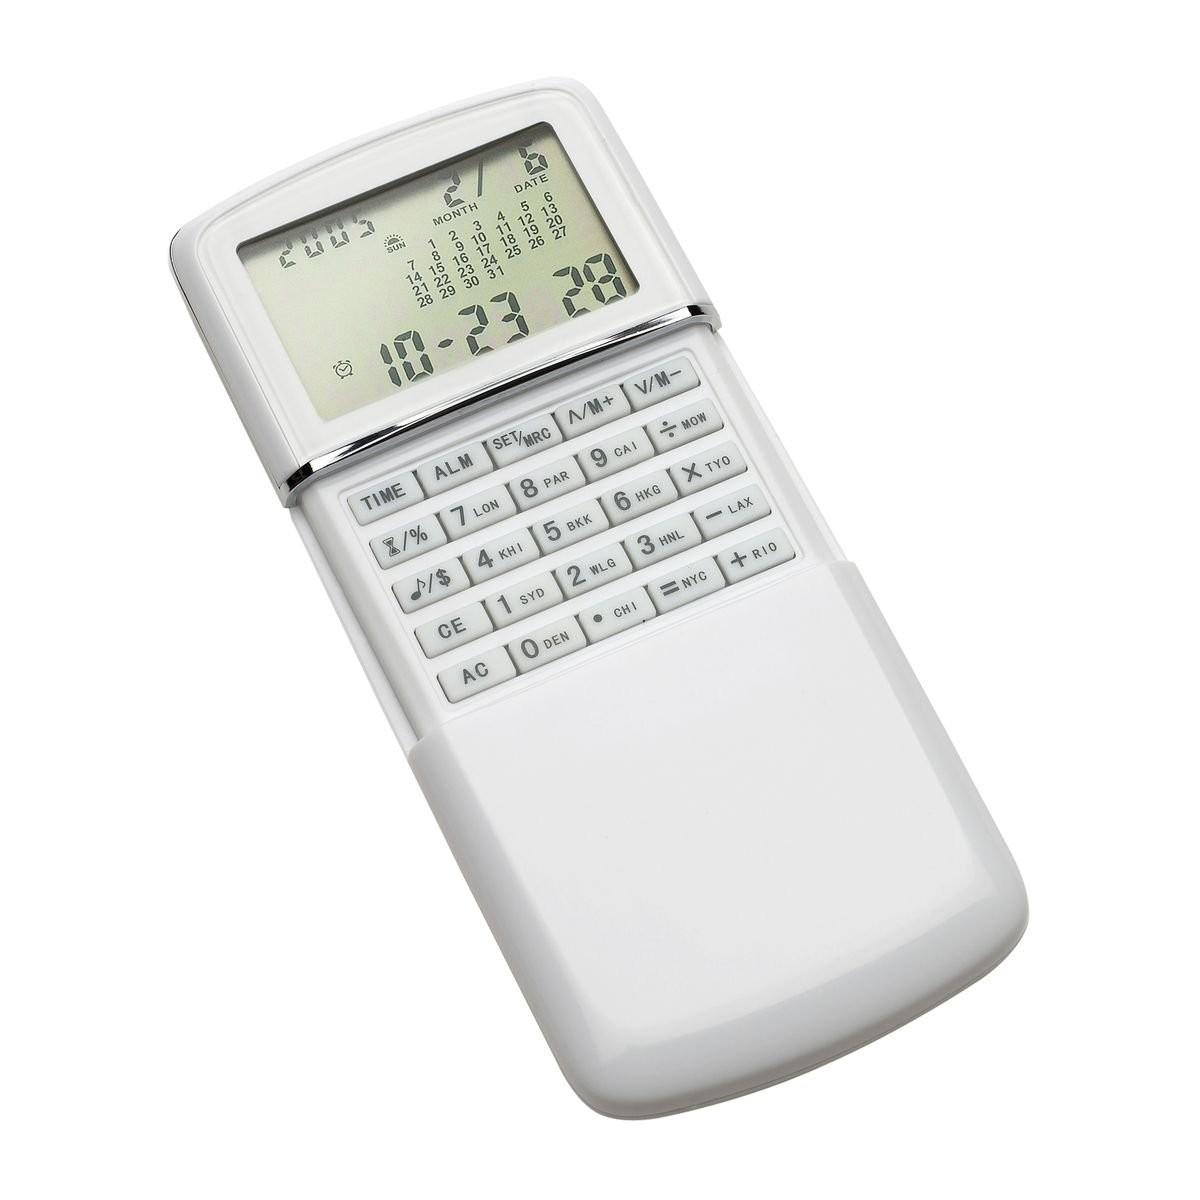 Taschenrechner mit Weltzeituhr REFLECTS-MASSENA WHITE, Ansicht 3